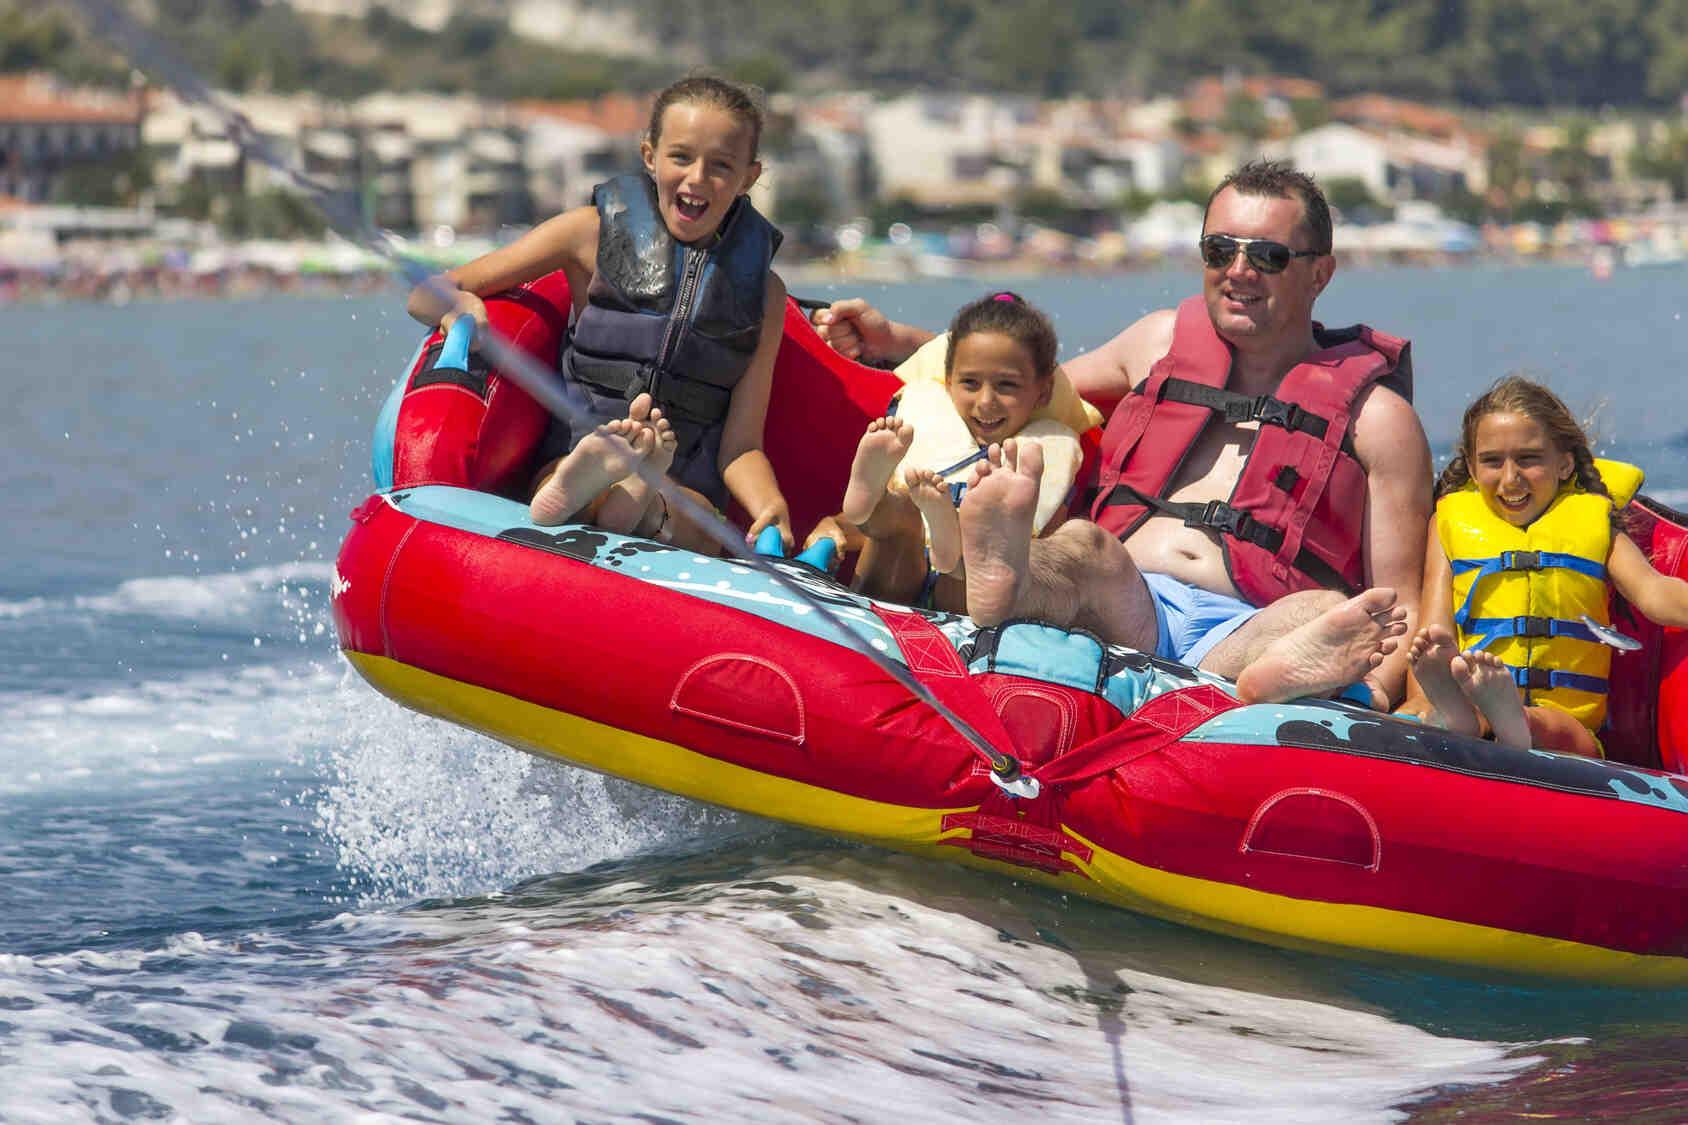 Où allez-vous dans le sud de la France avec votre famille?